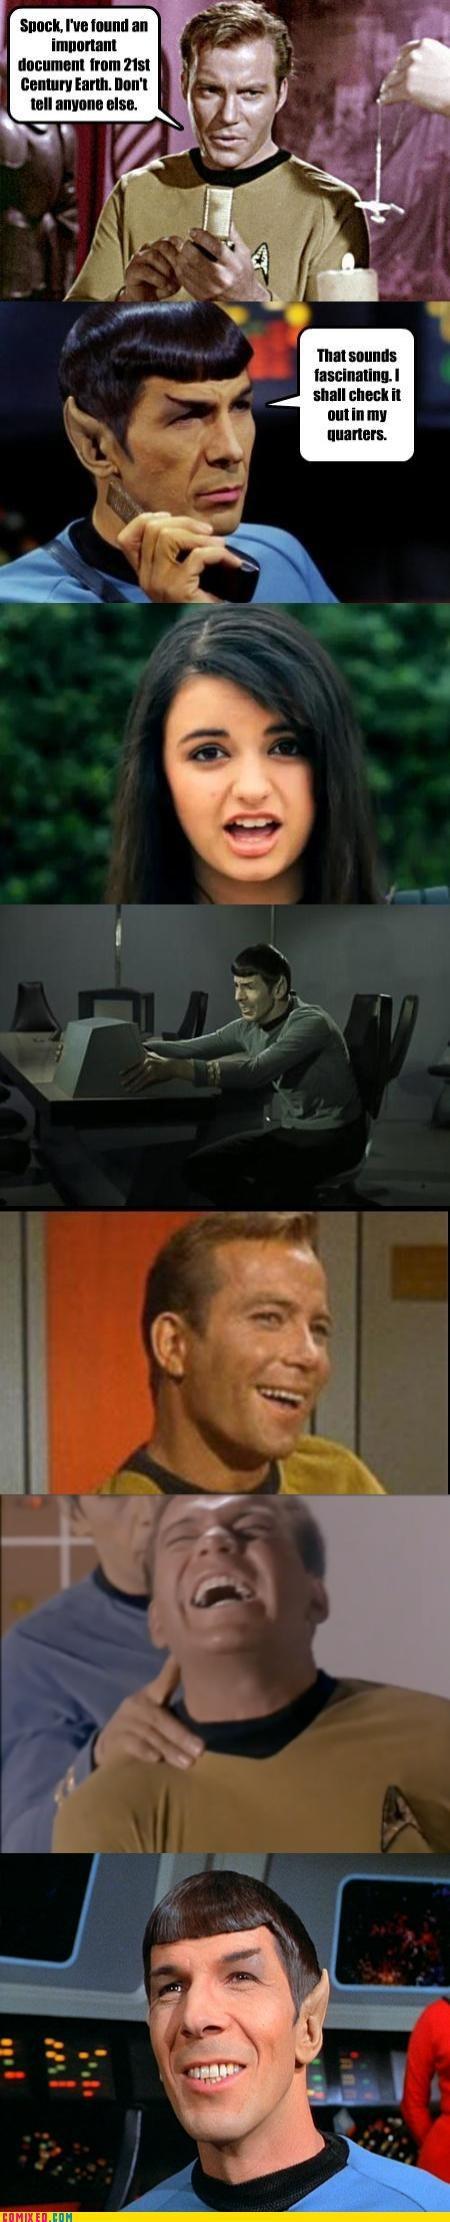 revenge,Star Trek,vulcan neck pinch